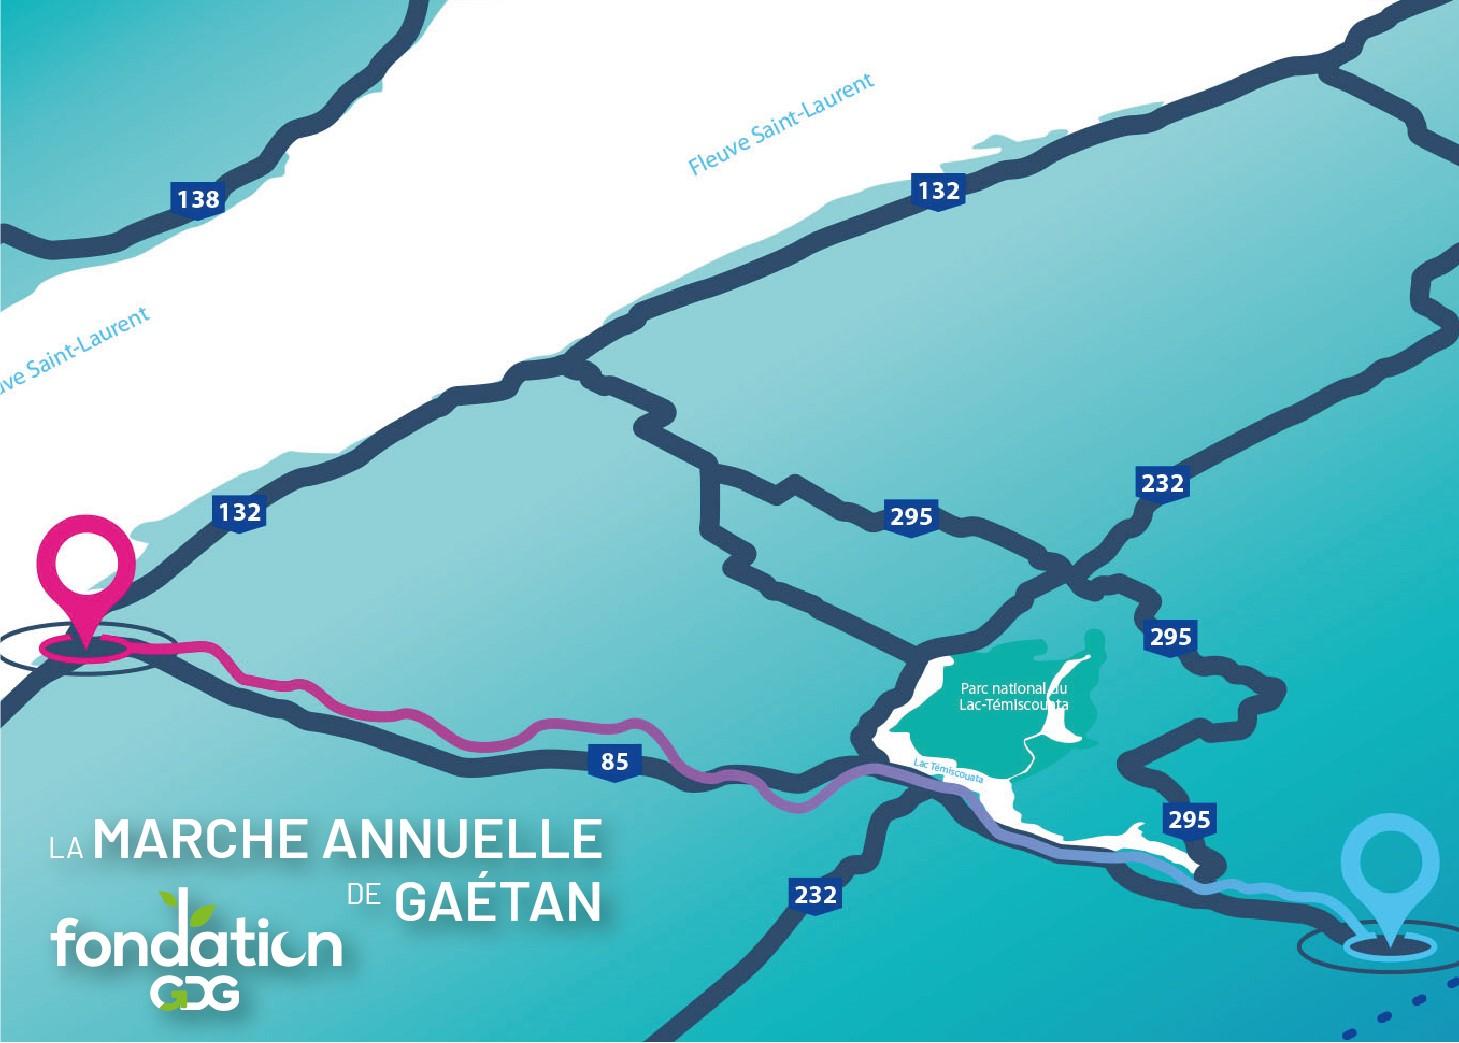 Trajet 2021 de la marche de Gaétan. Pour cette 11e édition, Gaétan traversera la région du Bas-Saint-Laurent, partant de la frontière du Nouveau-Brunswick pour se rendre jusqu'au Fleuve Saint-Laurent, en empruntant notamment Le Petit-Témis. Cette marche d'un peu plus de 100 kilomètres est prévue entre les 17 et 21 juin.